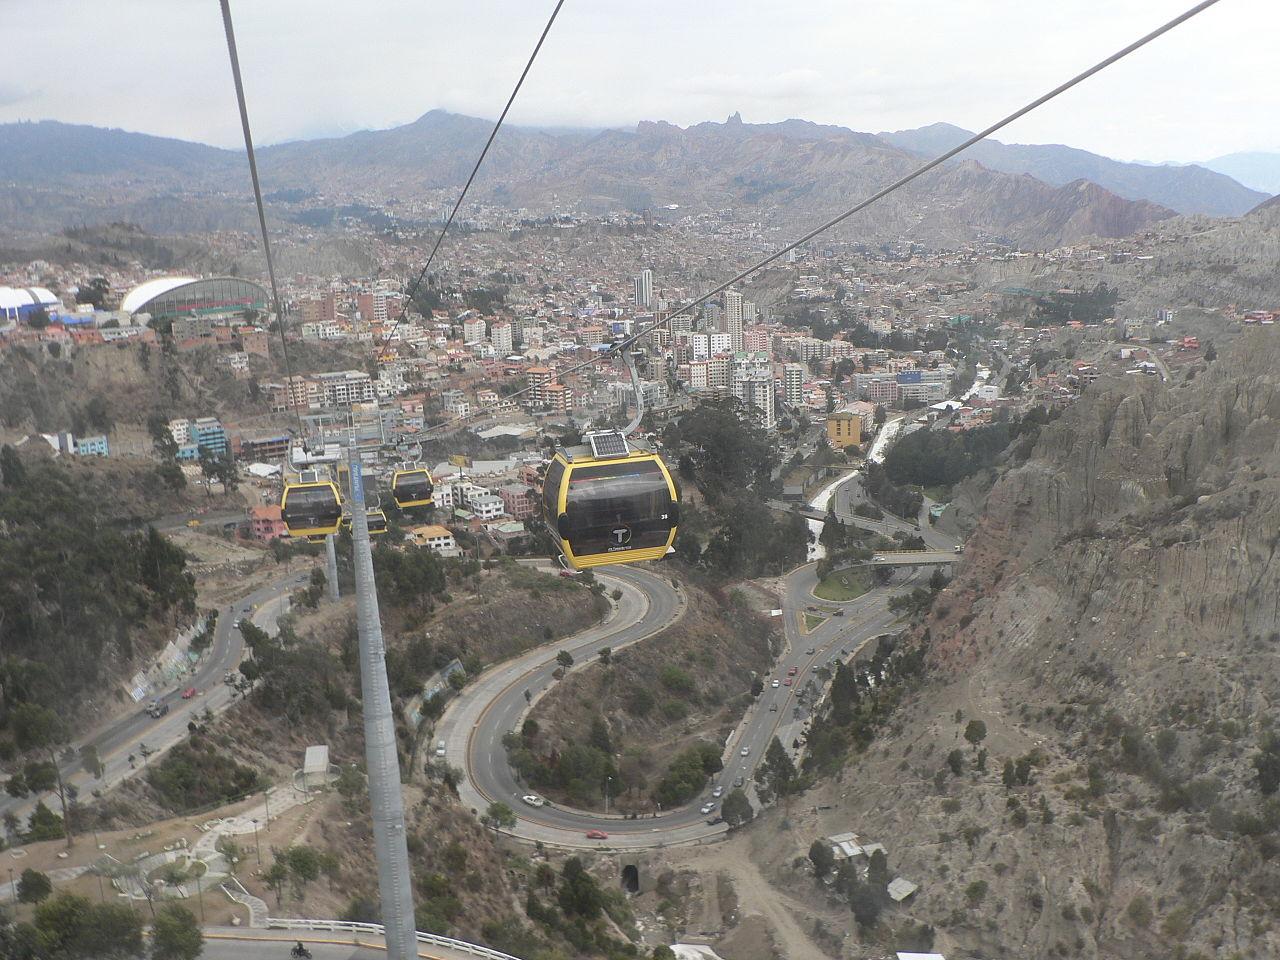 Téléphérique, ligne jaune, La Paz